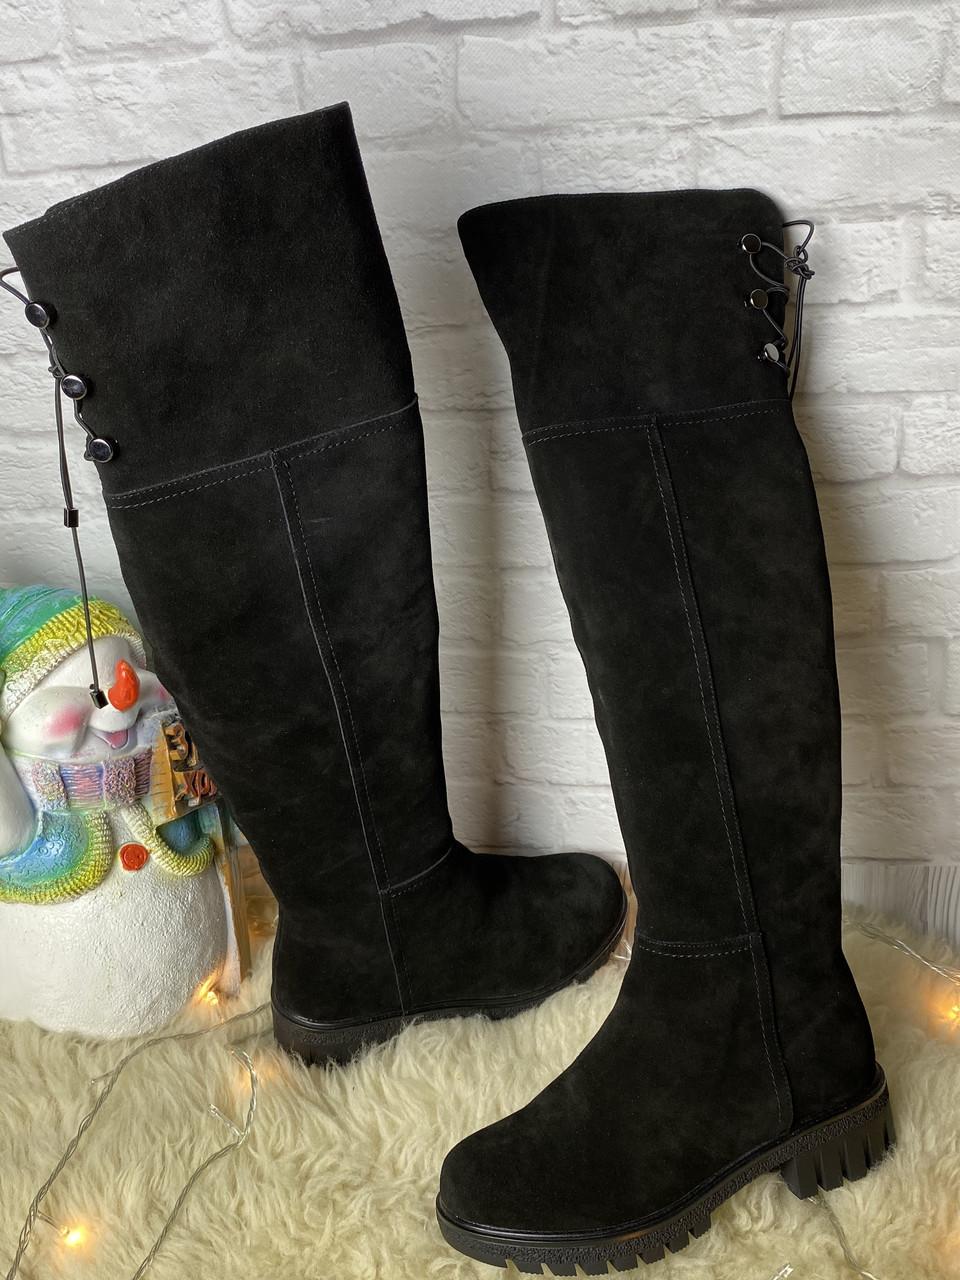 Зимние женские кожаные черные ботфорты сапоги из натуральная замши, шкіряні ботфорти чорні жіночі без каблука